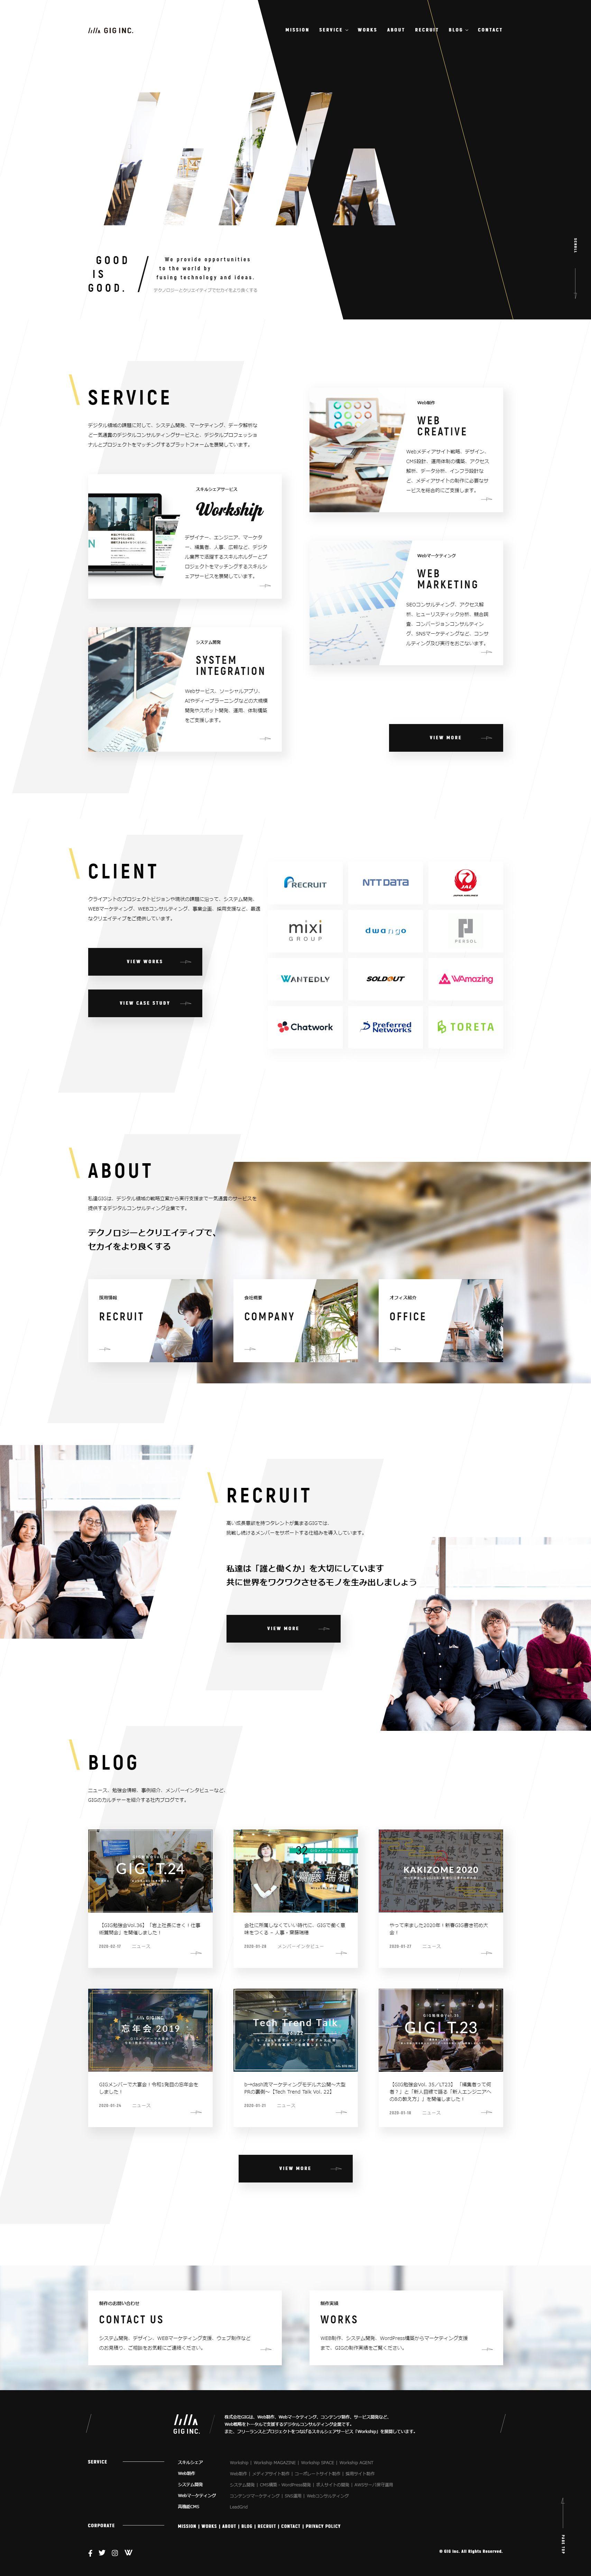 Diseno Web おしゃれまとめの人気アイデア Pinterest 東京のホームページ制作会社 エグゼクティブクリエイション 2020 コーポレートサイト デザイン コーポレートデザイン Lp デザイン